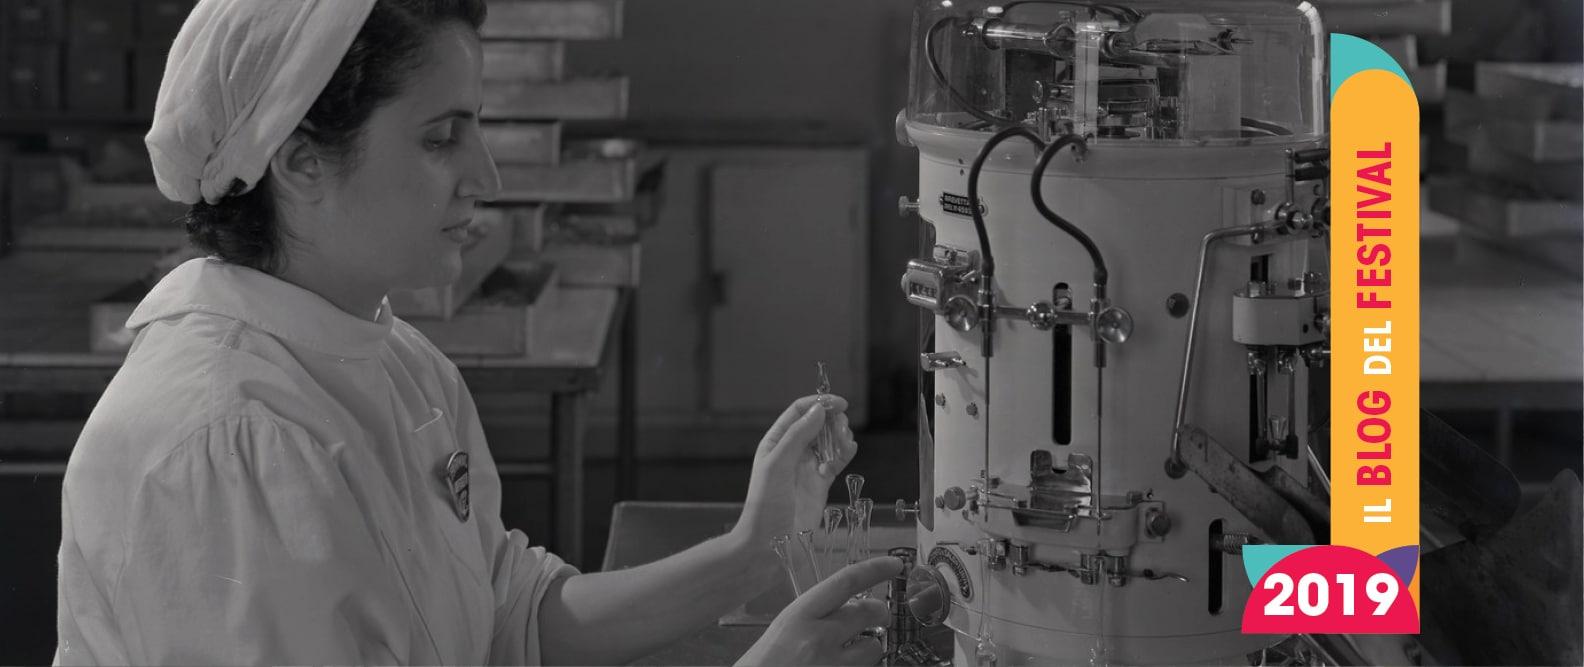 Le storie delle pioniere della cultura tecnica al femminile